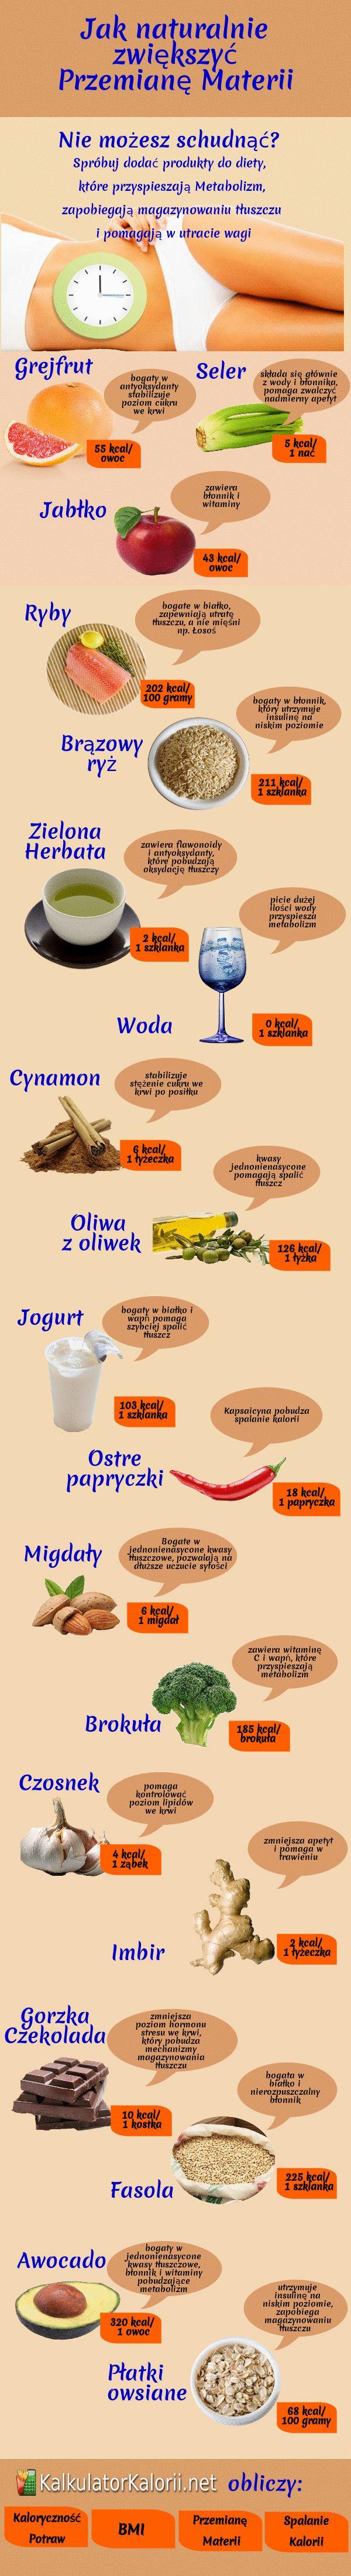 Najbardziej wartościowe produkty żywnościowe